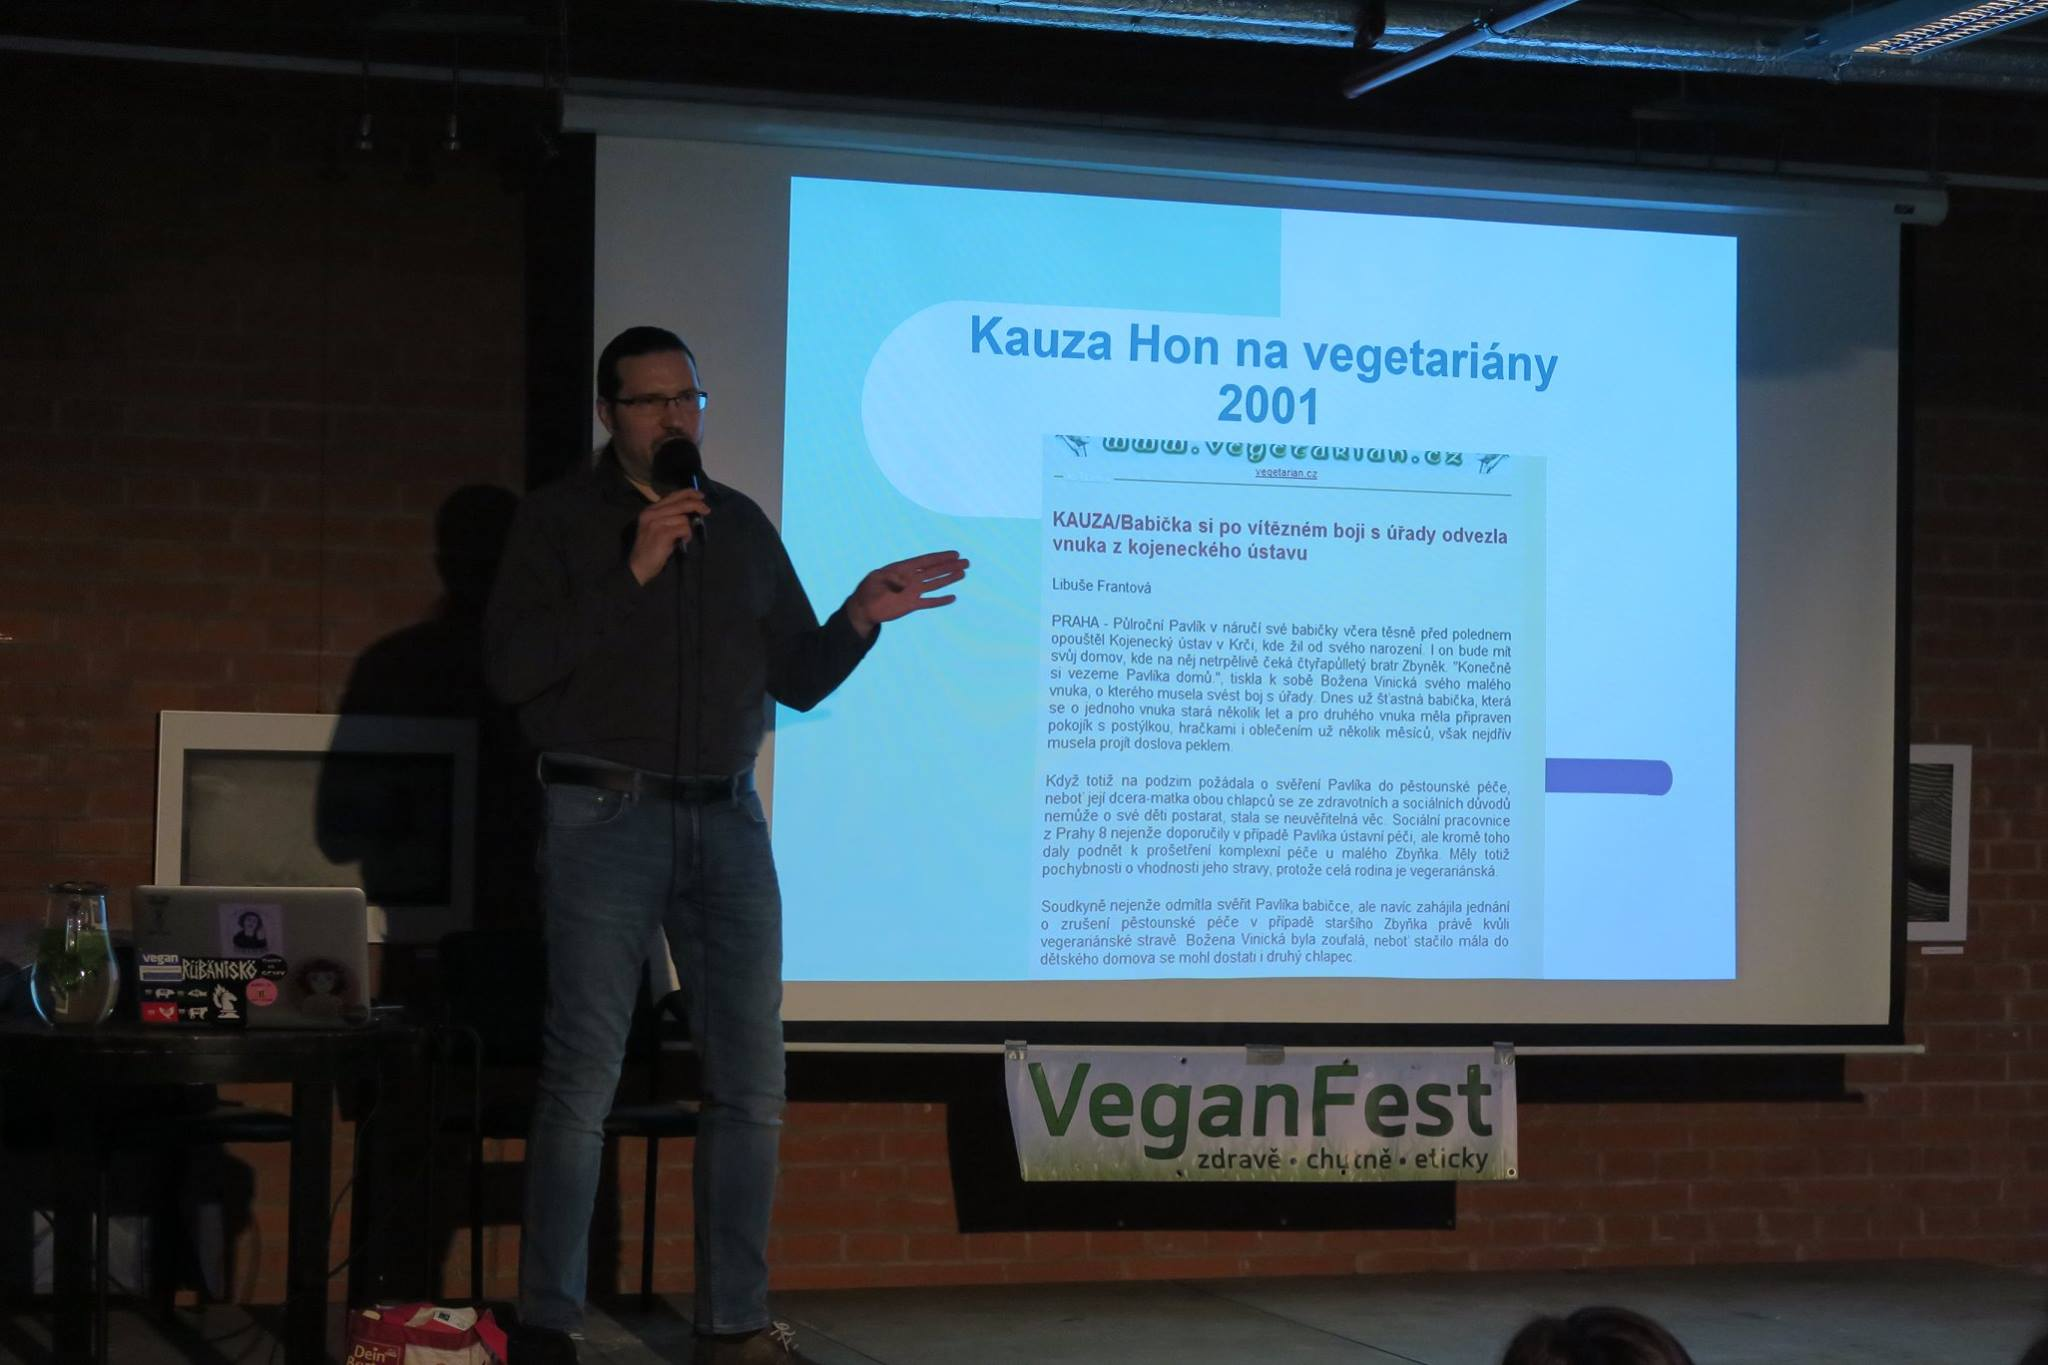 VeganFest 2018